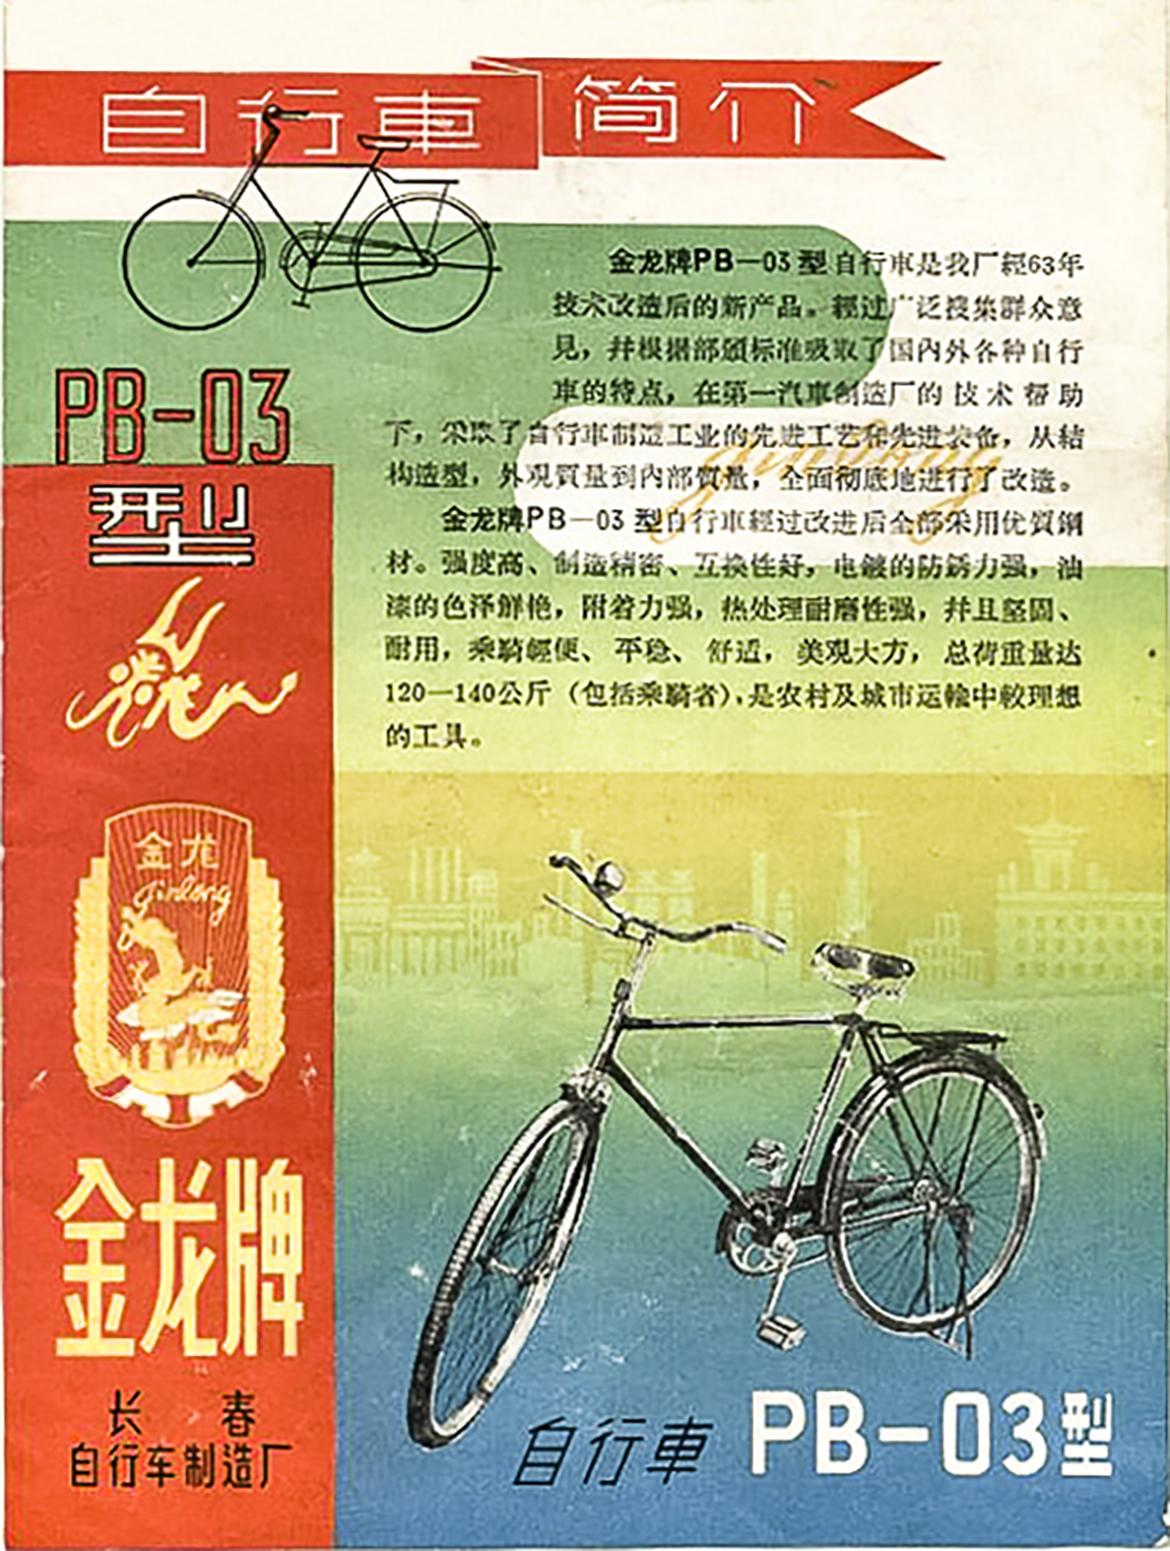 金龙牌自行车说明书封面.jpg